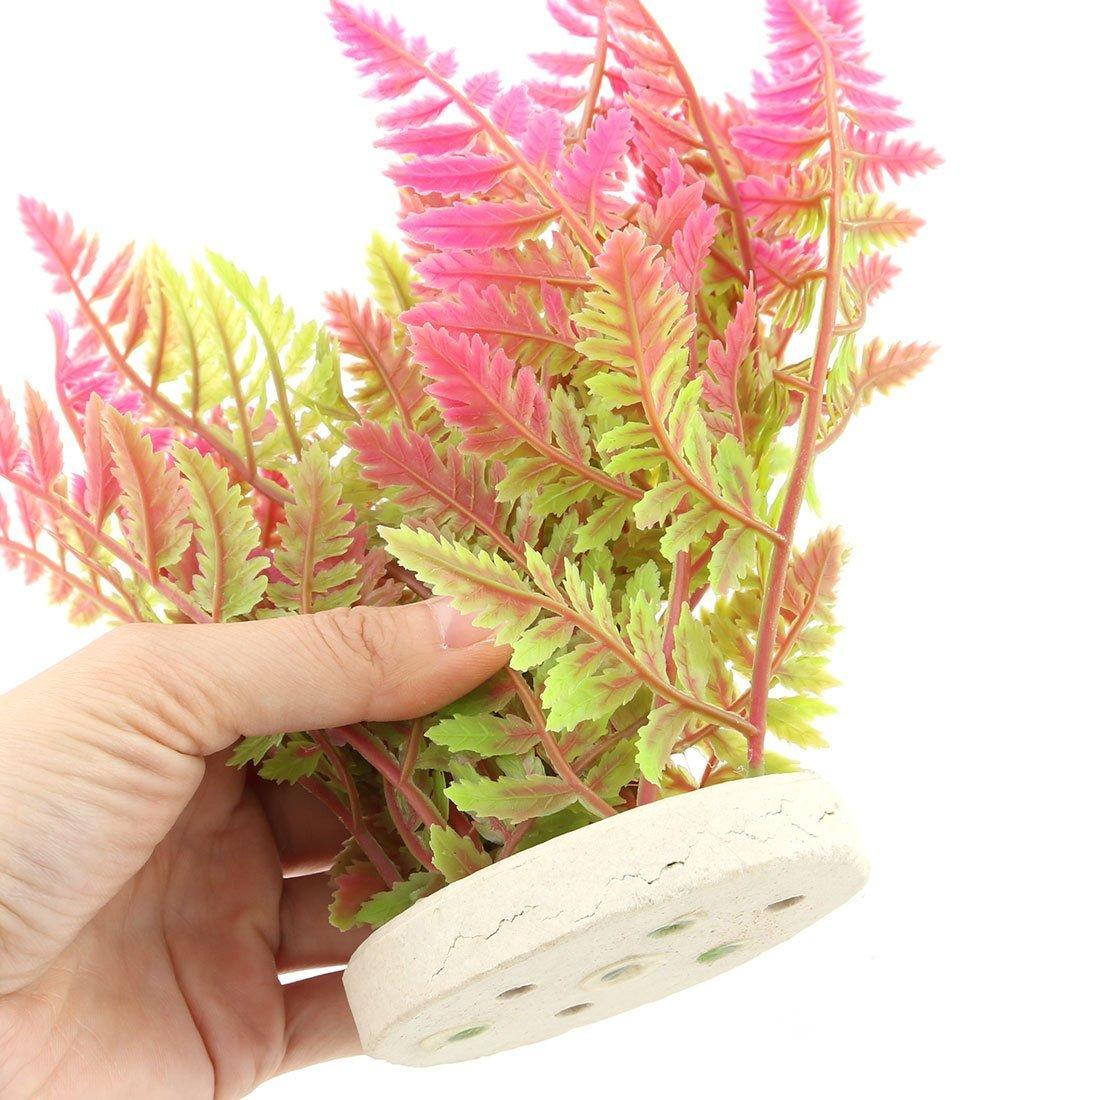 Amazon.com : eDealMax plástico acuario Artificial paisaje Debajo del agua Hierba Planta decoración Verde Fucsia : Pet Supplies